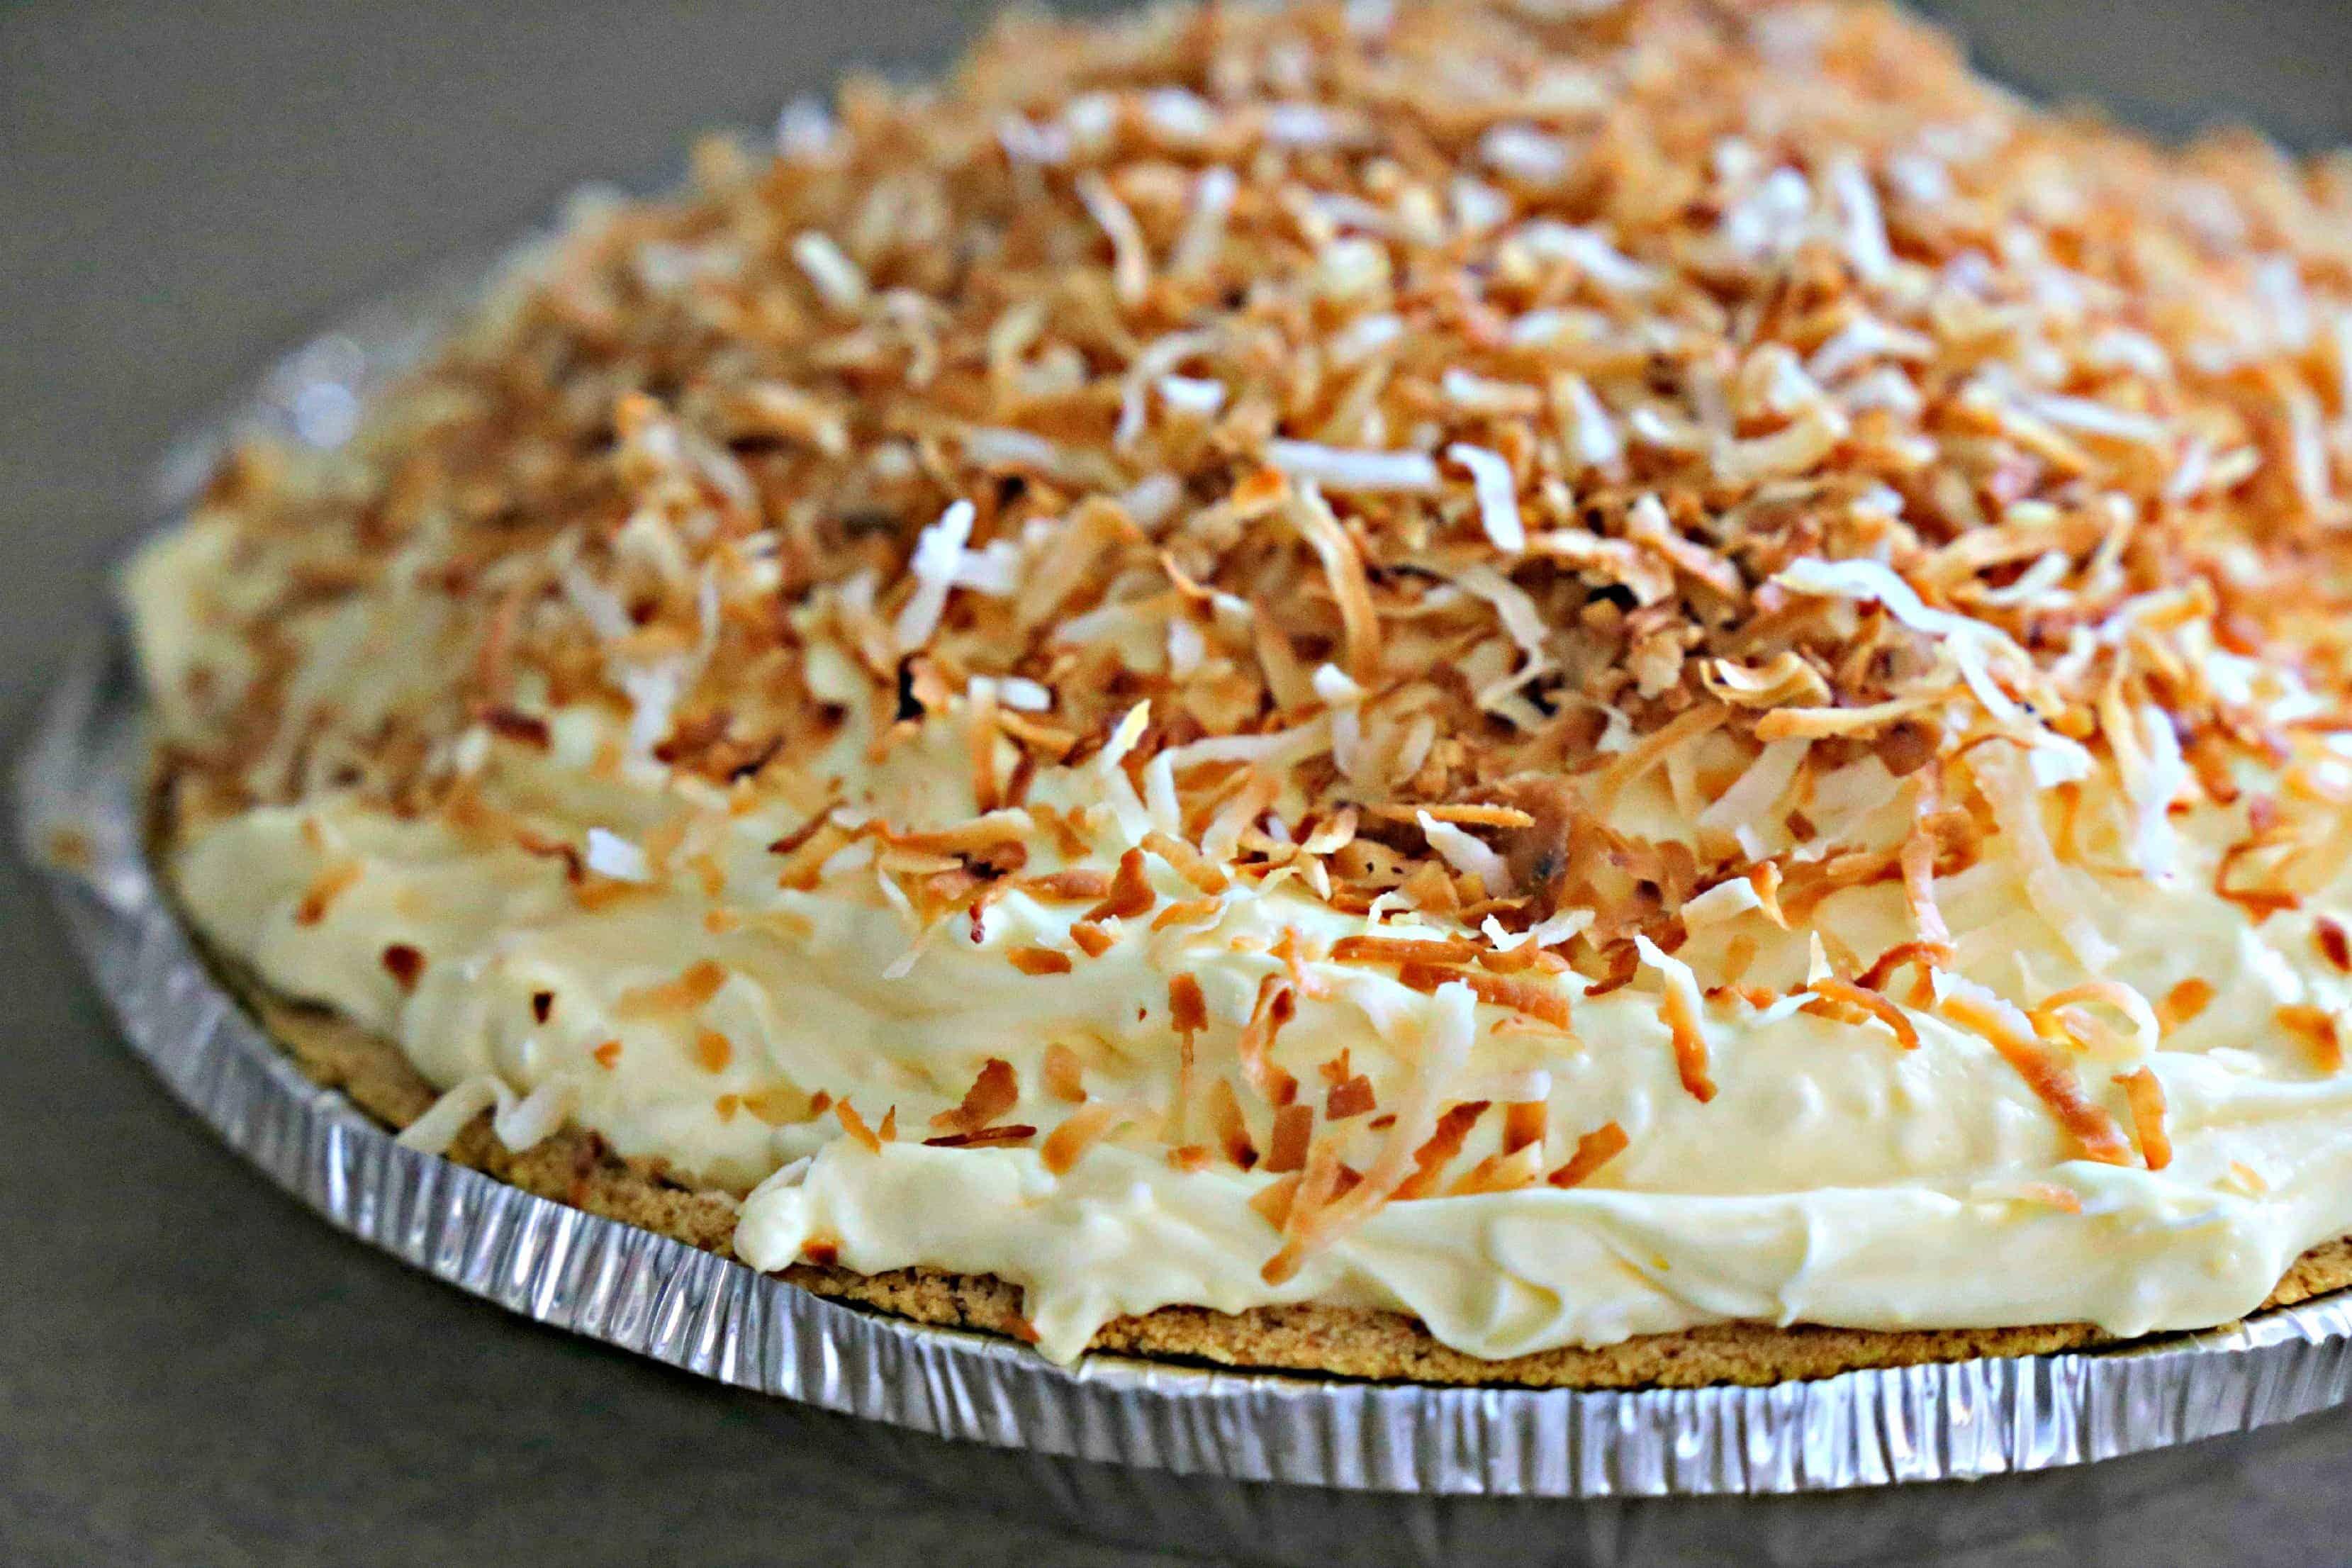 creamy no-bake Coconut Cream Pie